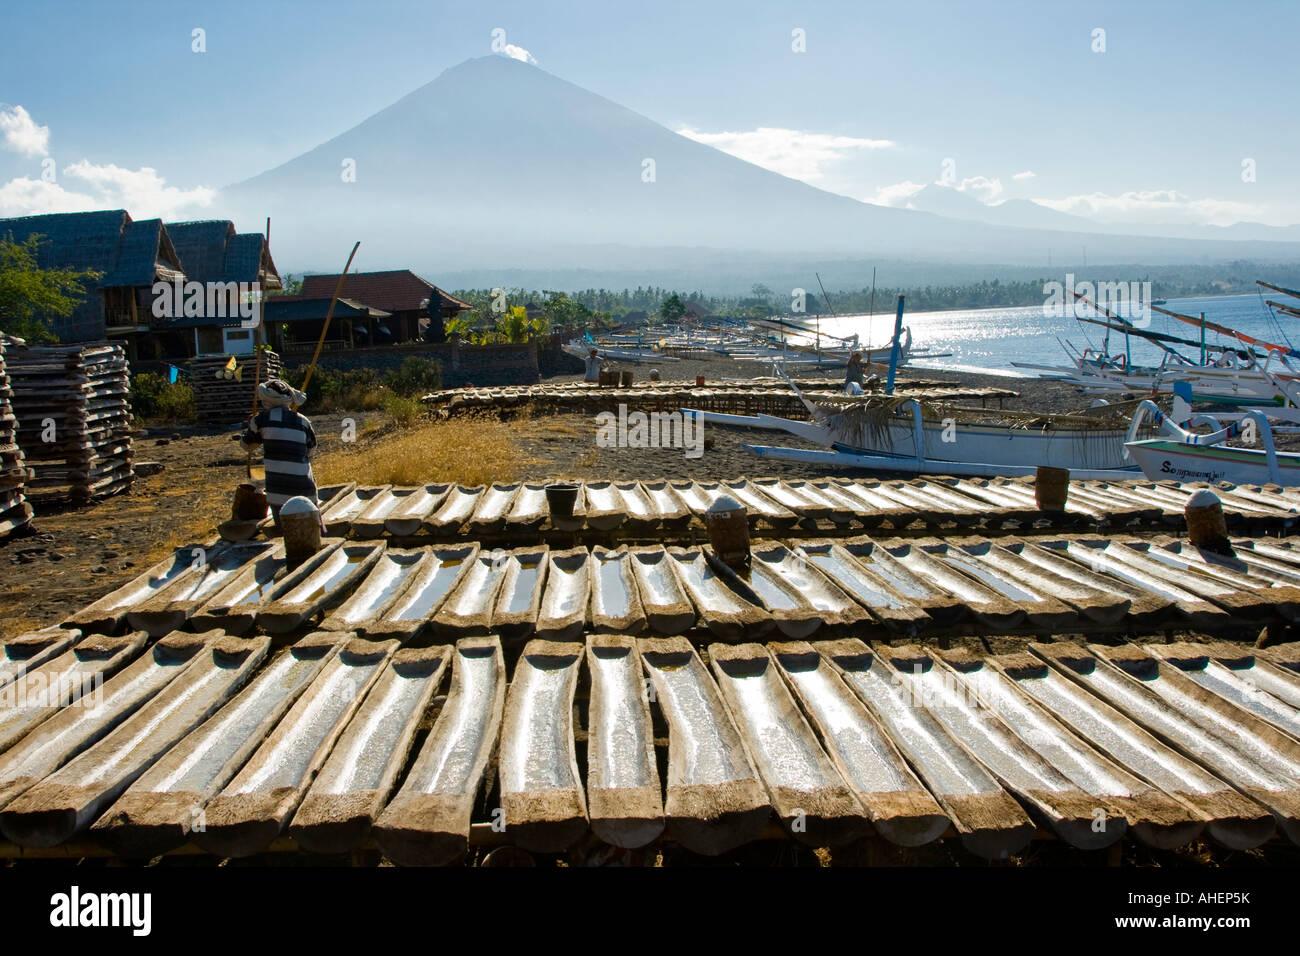 La producción de sal artesanal Gunung Agung en distancia Amed Bali Indonesia Imagen De Stock